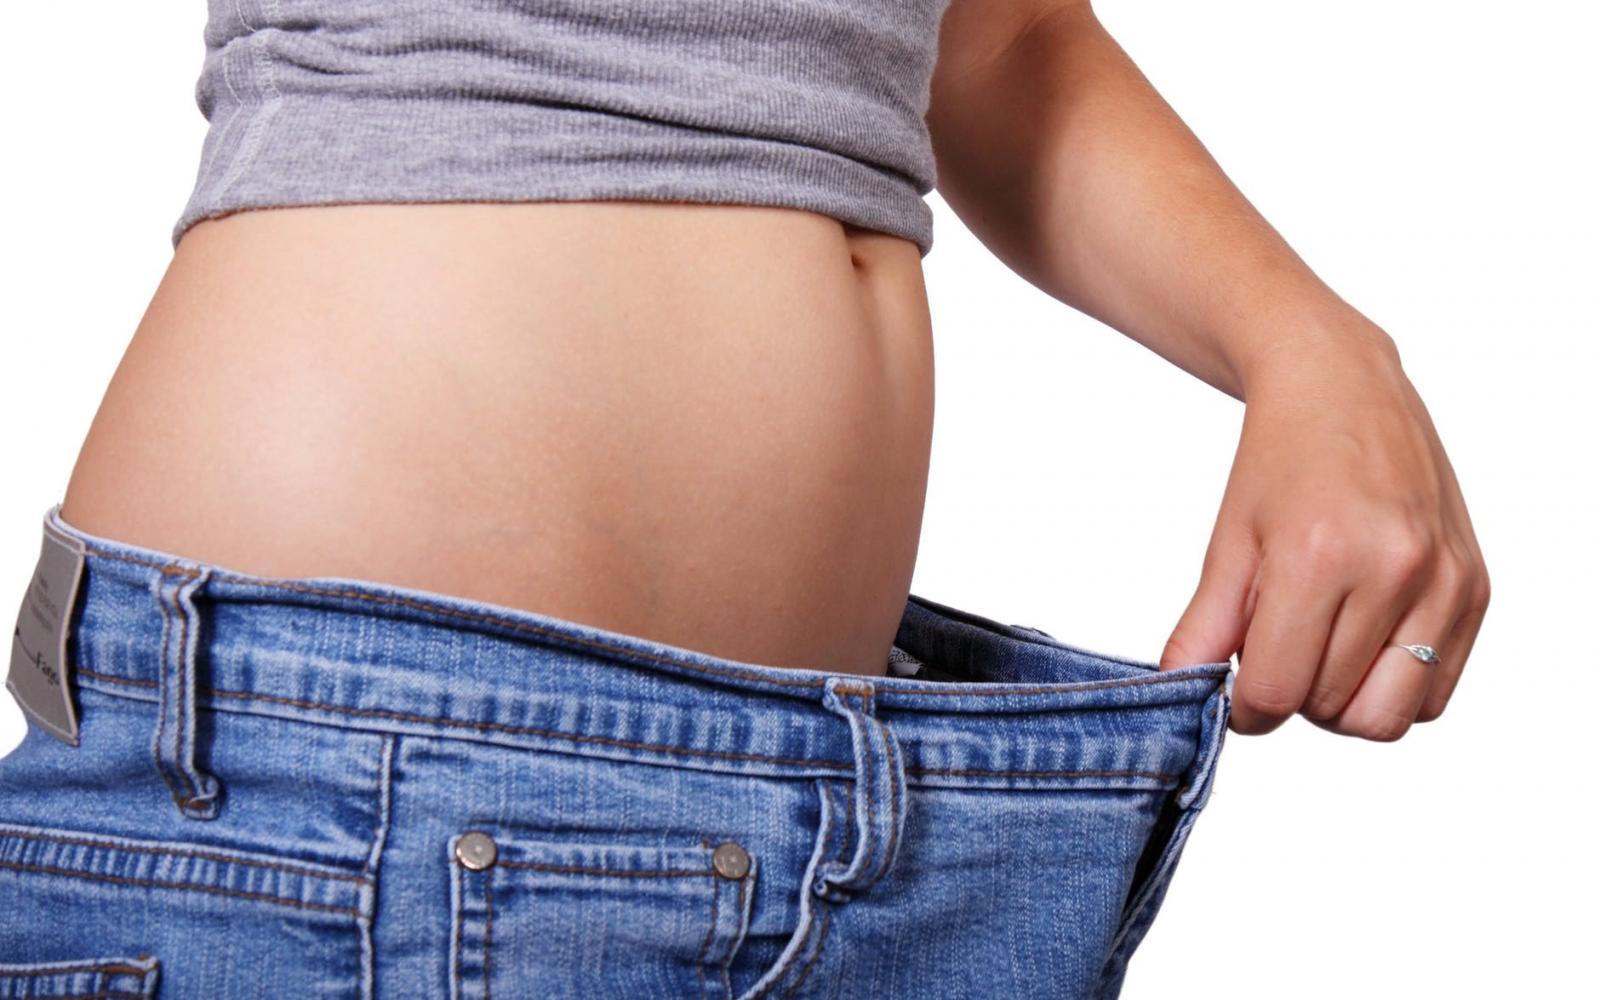 hogyan lehet fogyni 57 éves korban magas vérnyomásban